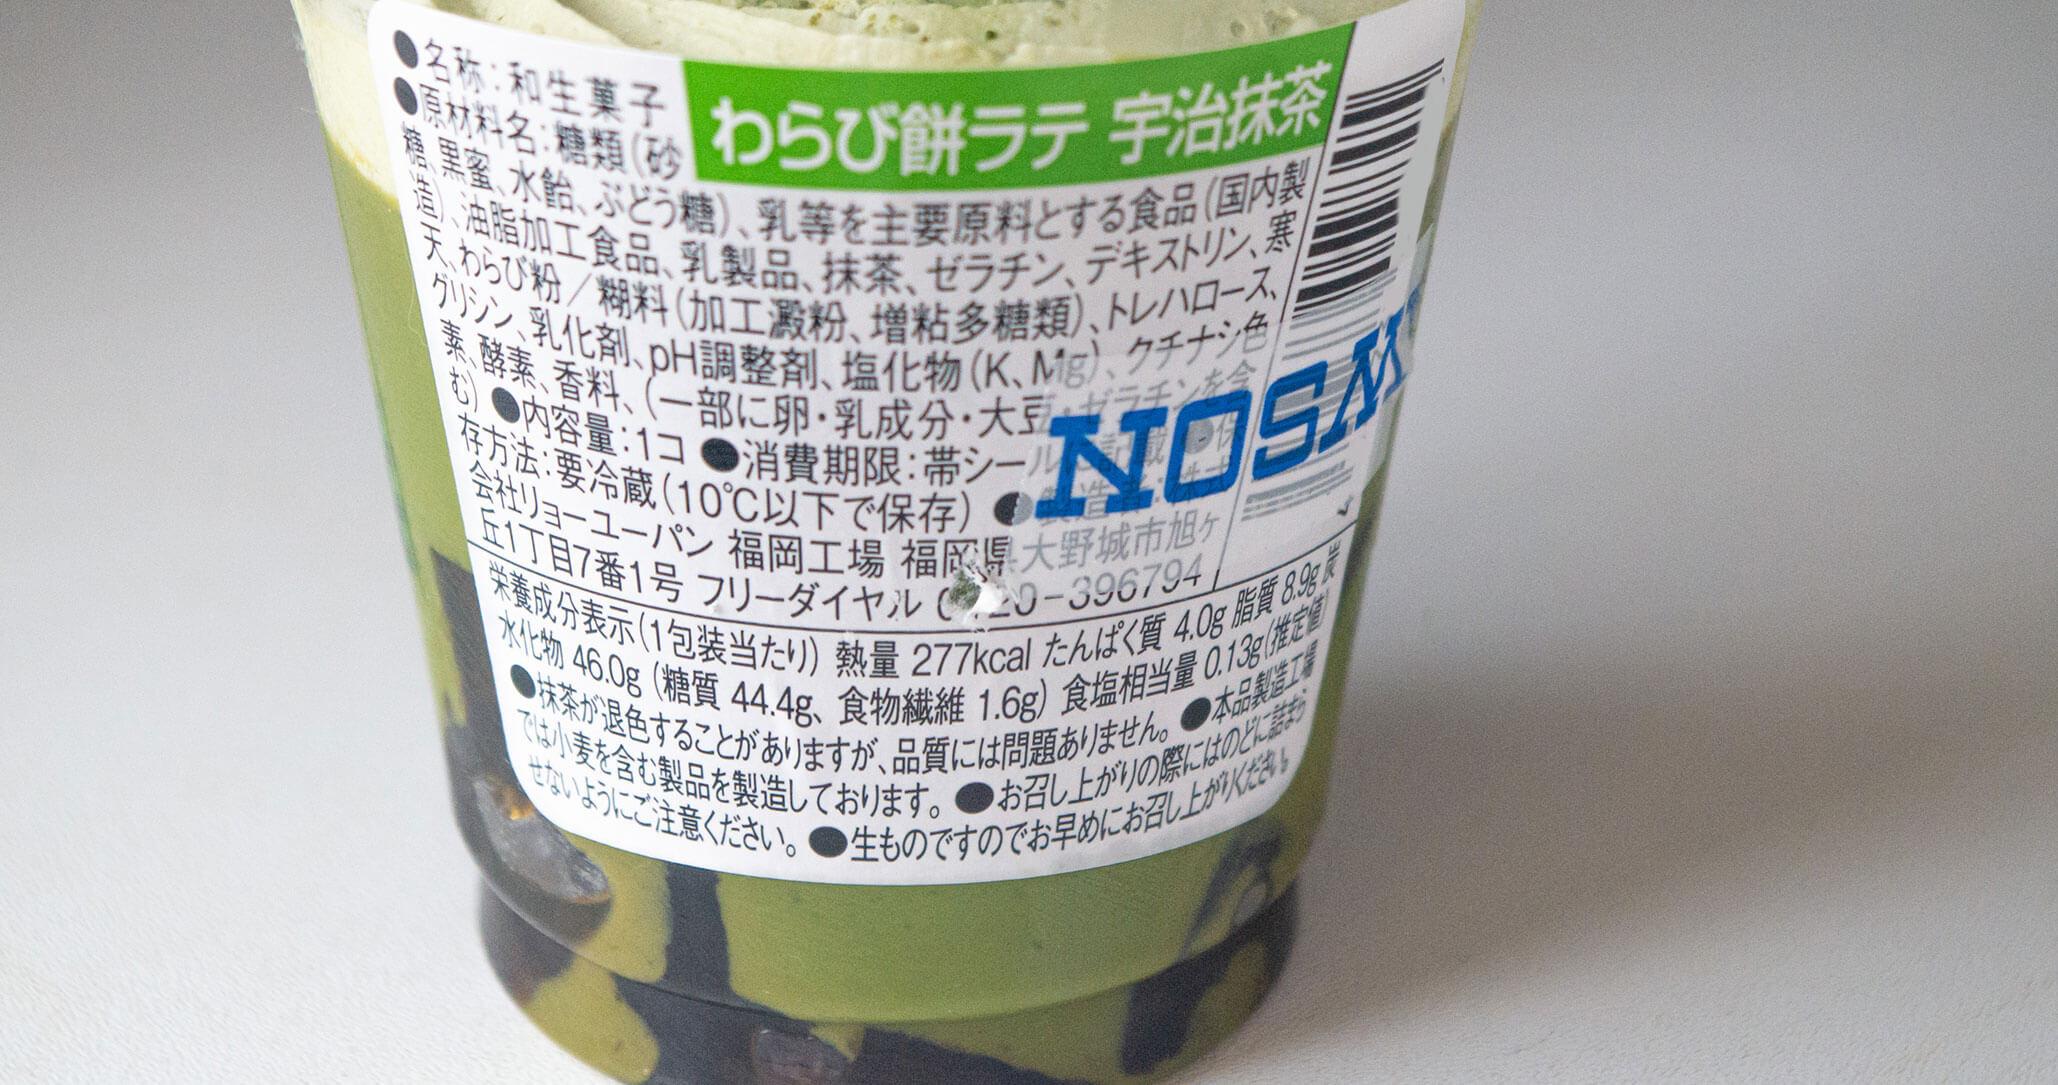 Uchi Caféわらび抹茶ラテカロリーなど